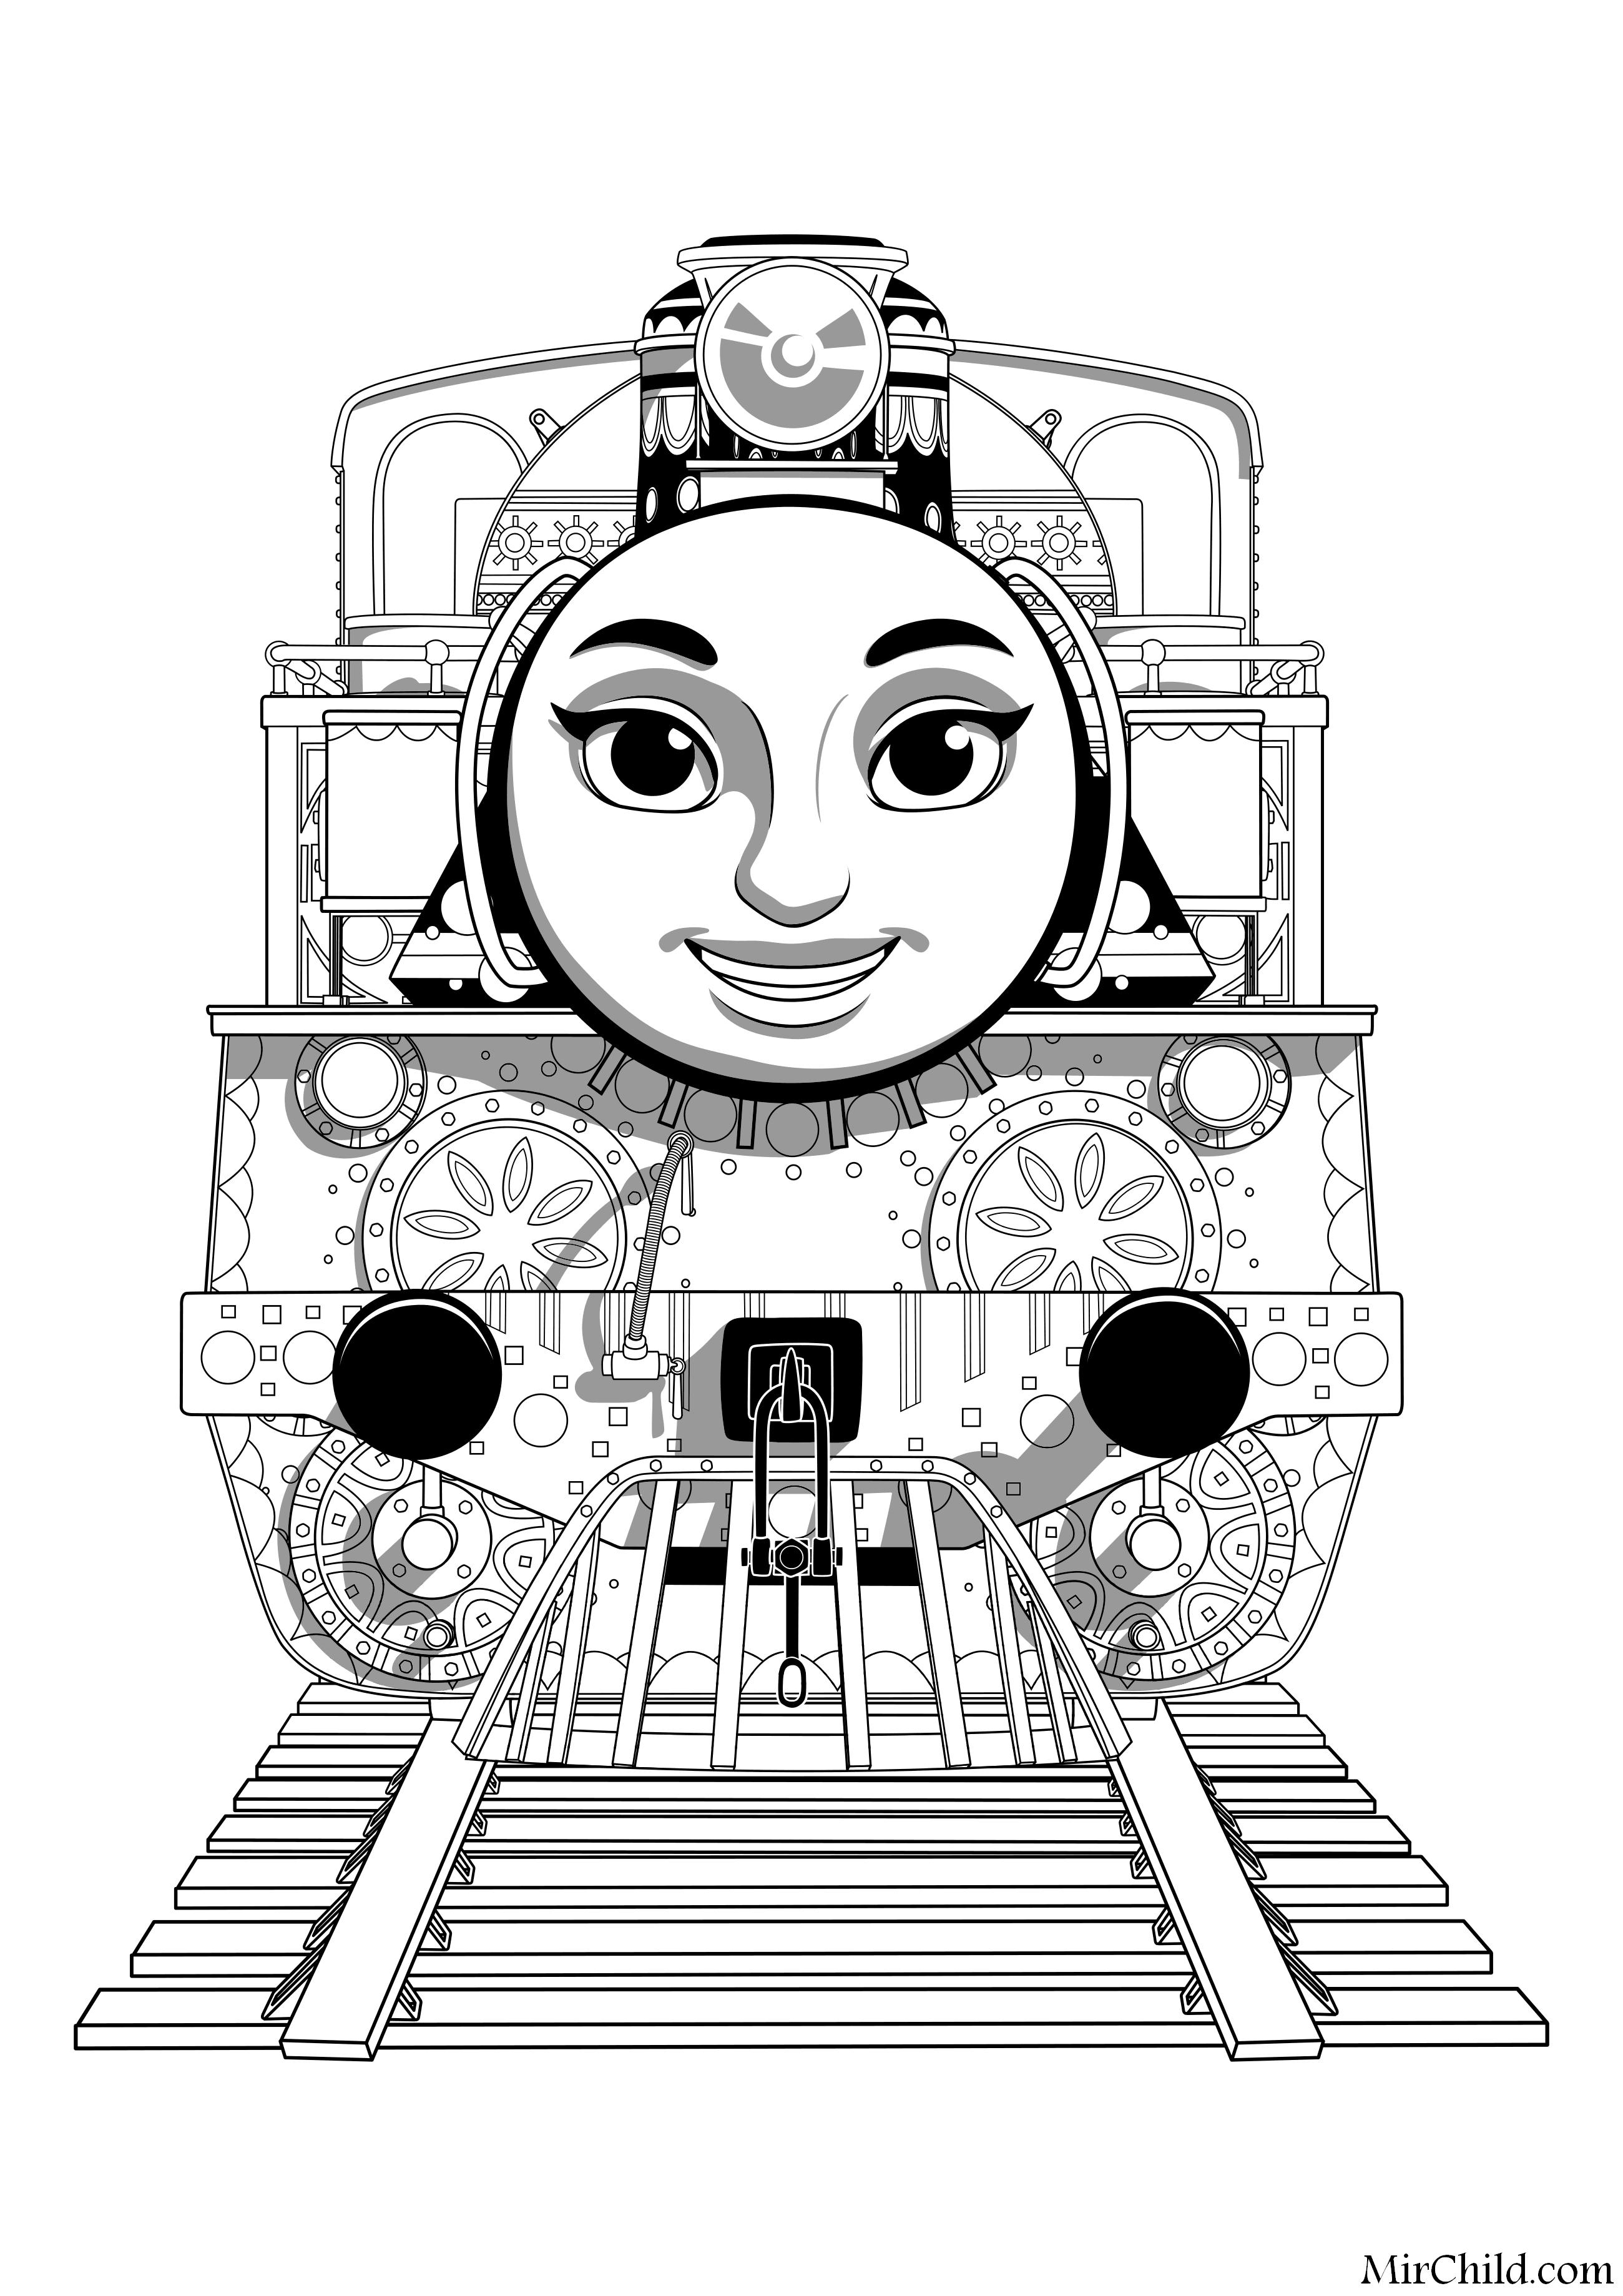 Раскраска - Томас и его друзья - Ашима | MirChild